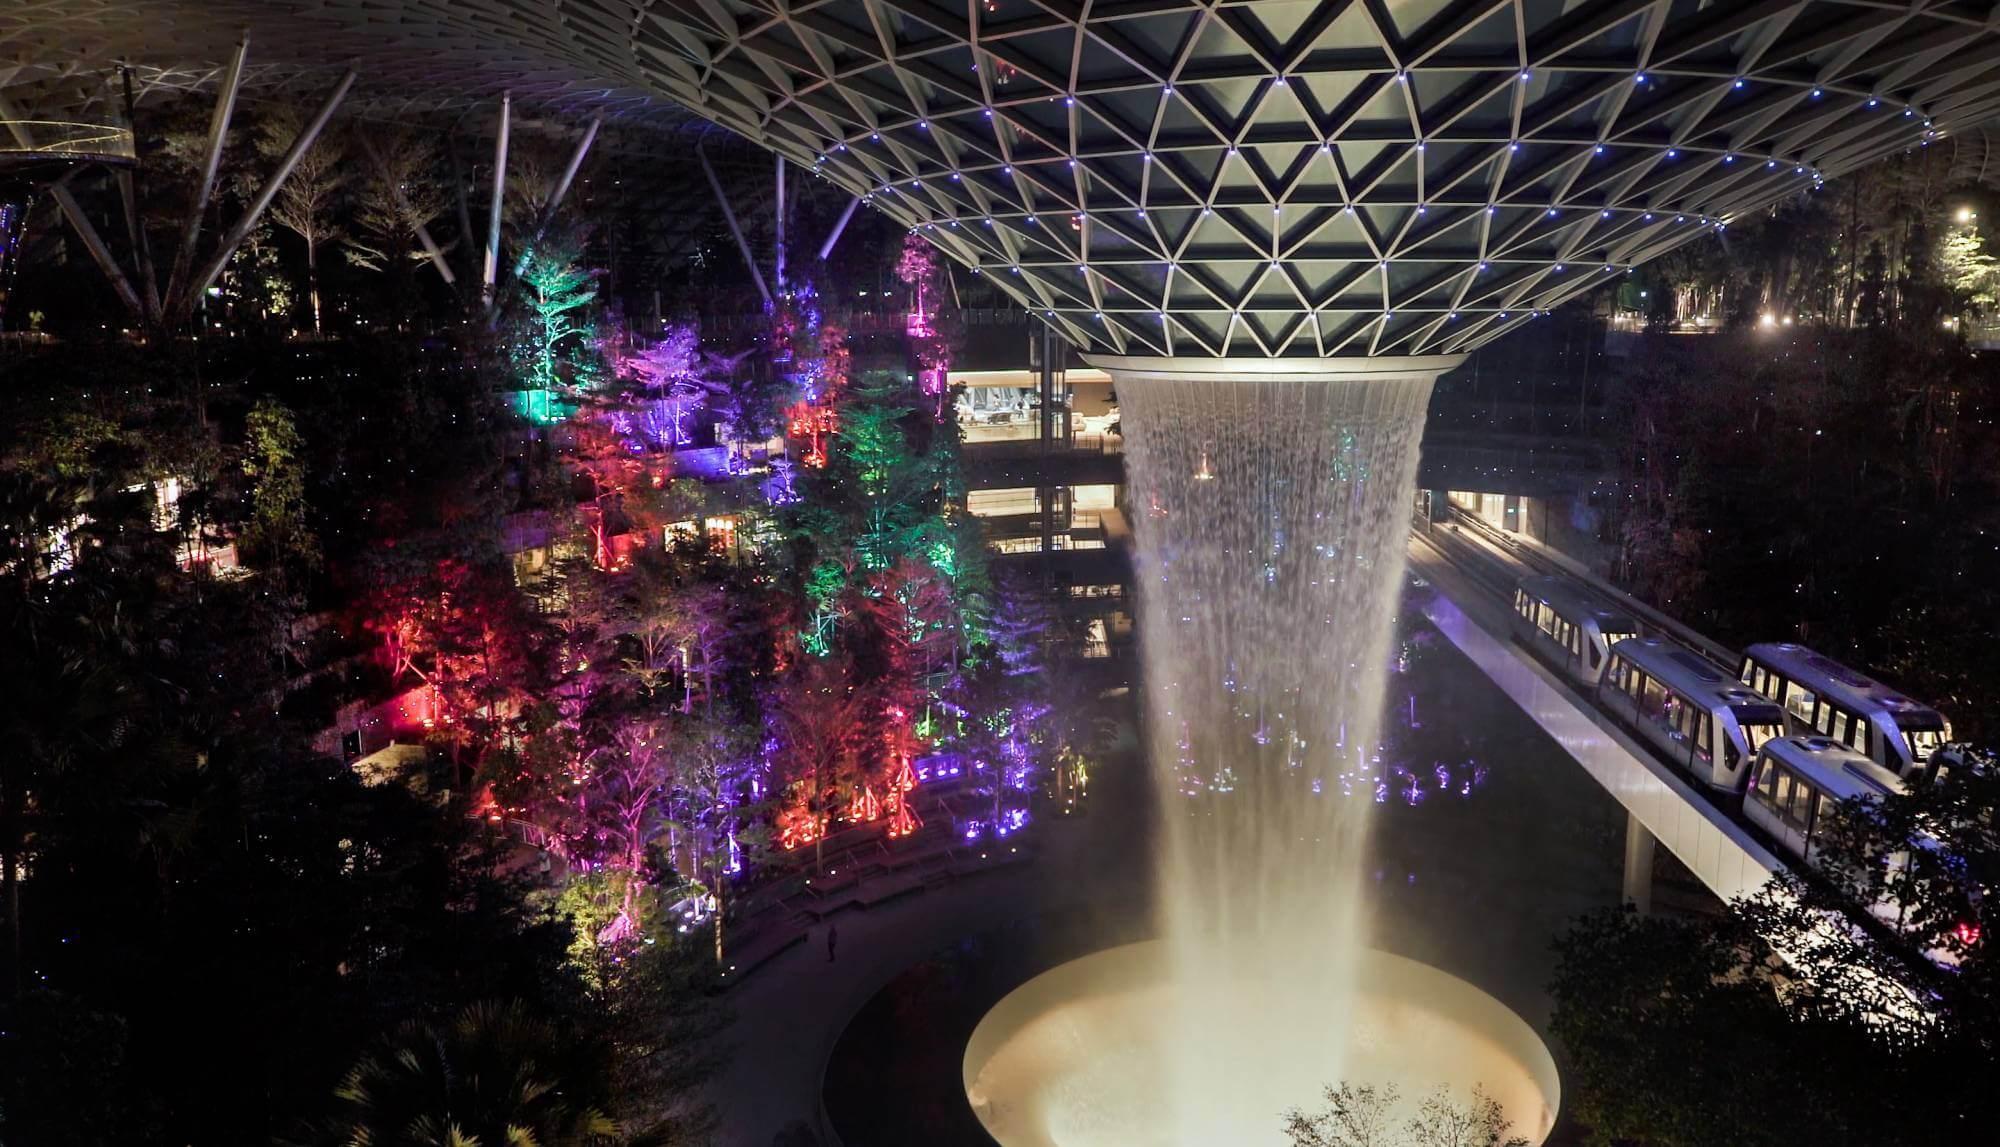 Instalación en el aeropuerto Changi en Singapore